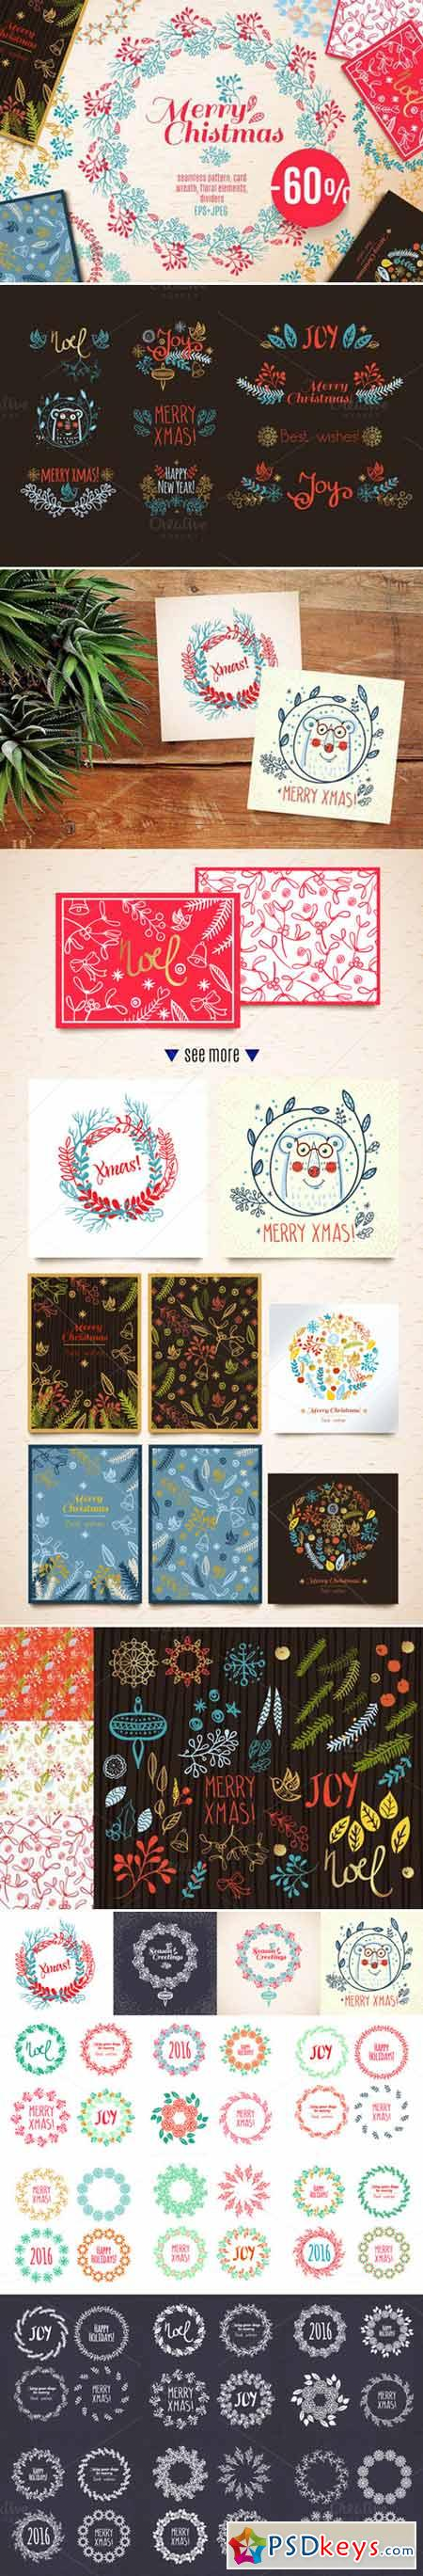 Big Vintage Christmas set 424452